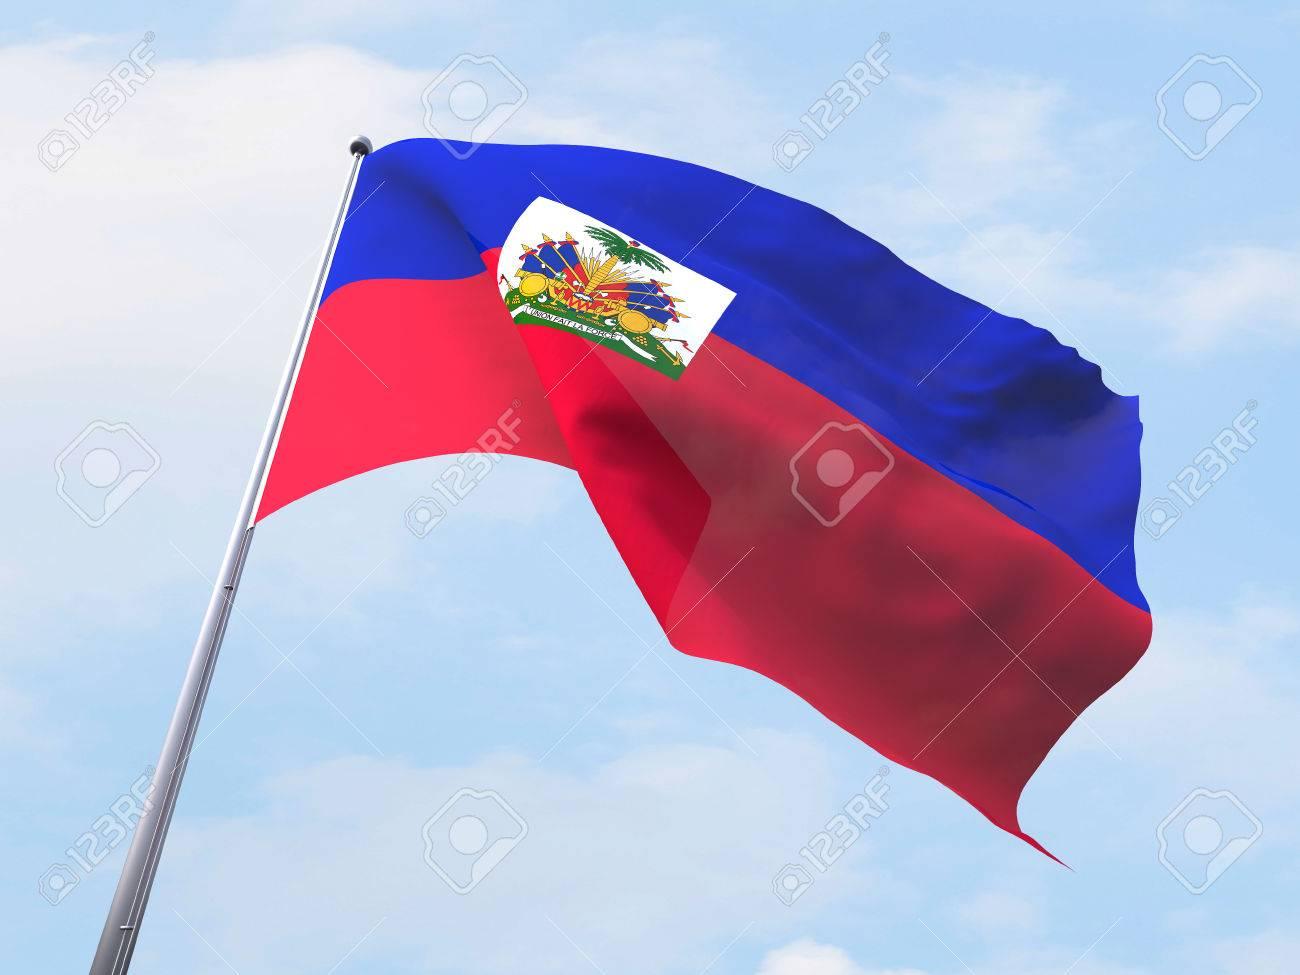 Bandera De Haití Que Vuelan En El Cielo Claro. Fotos, Retratos ...